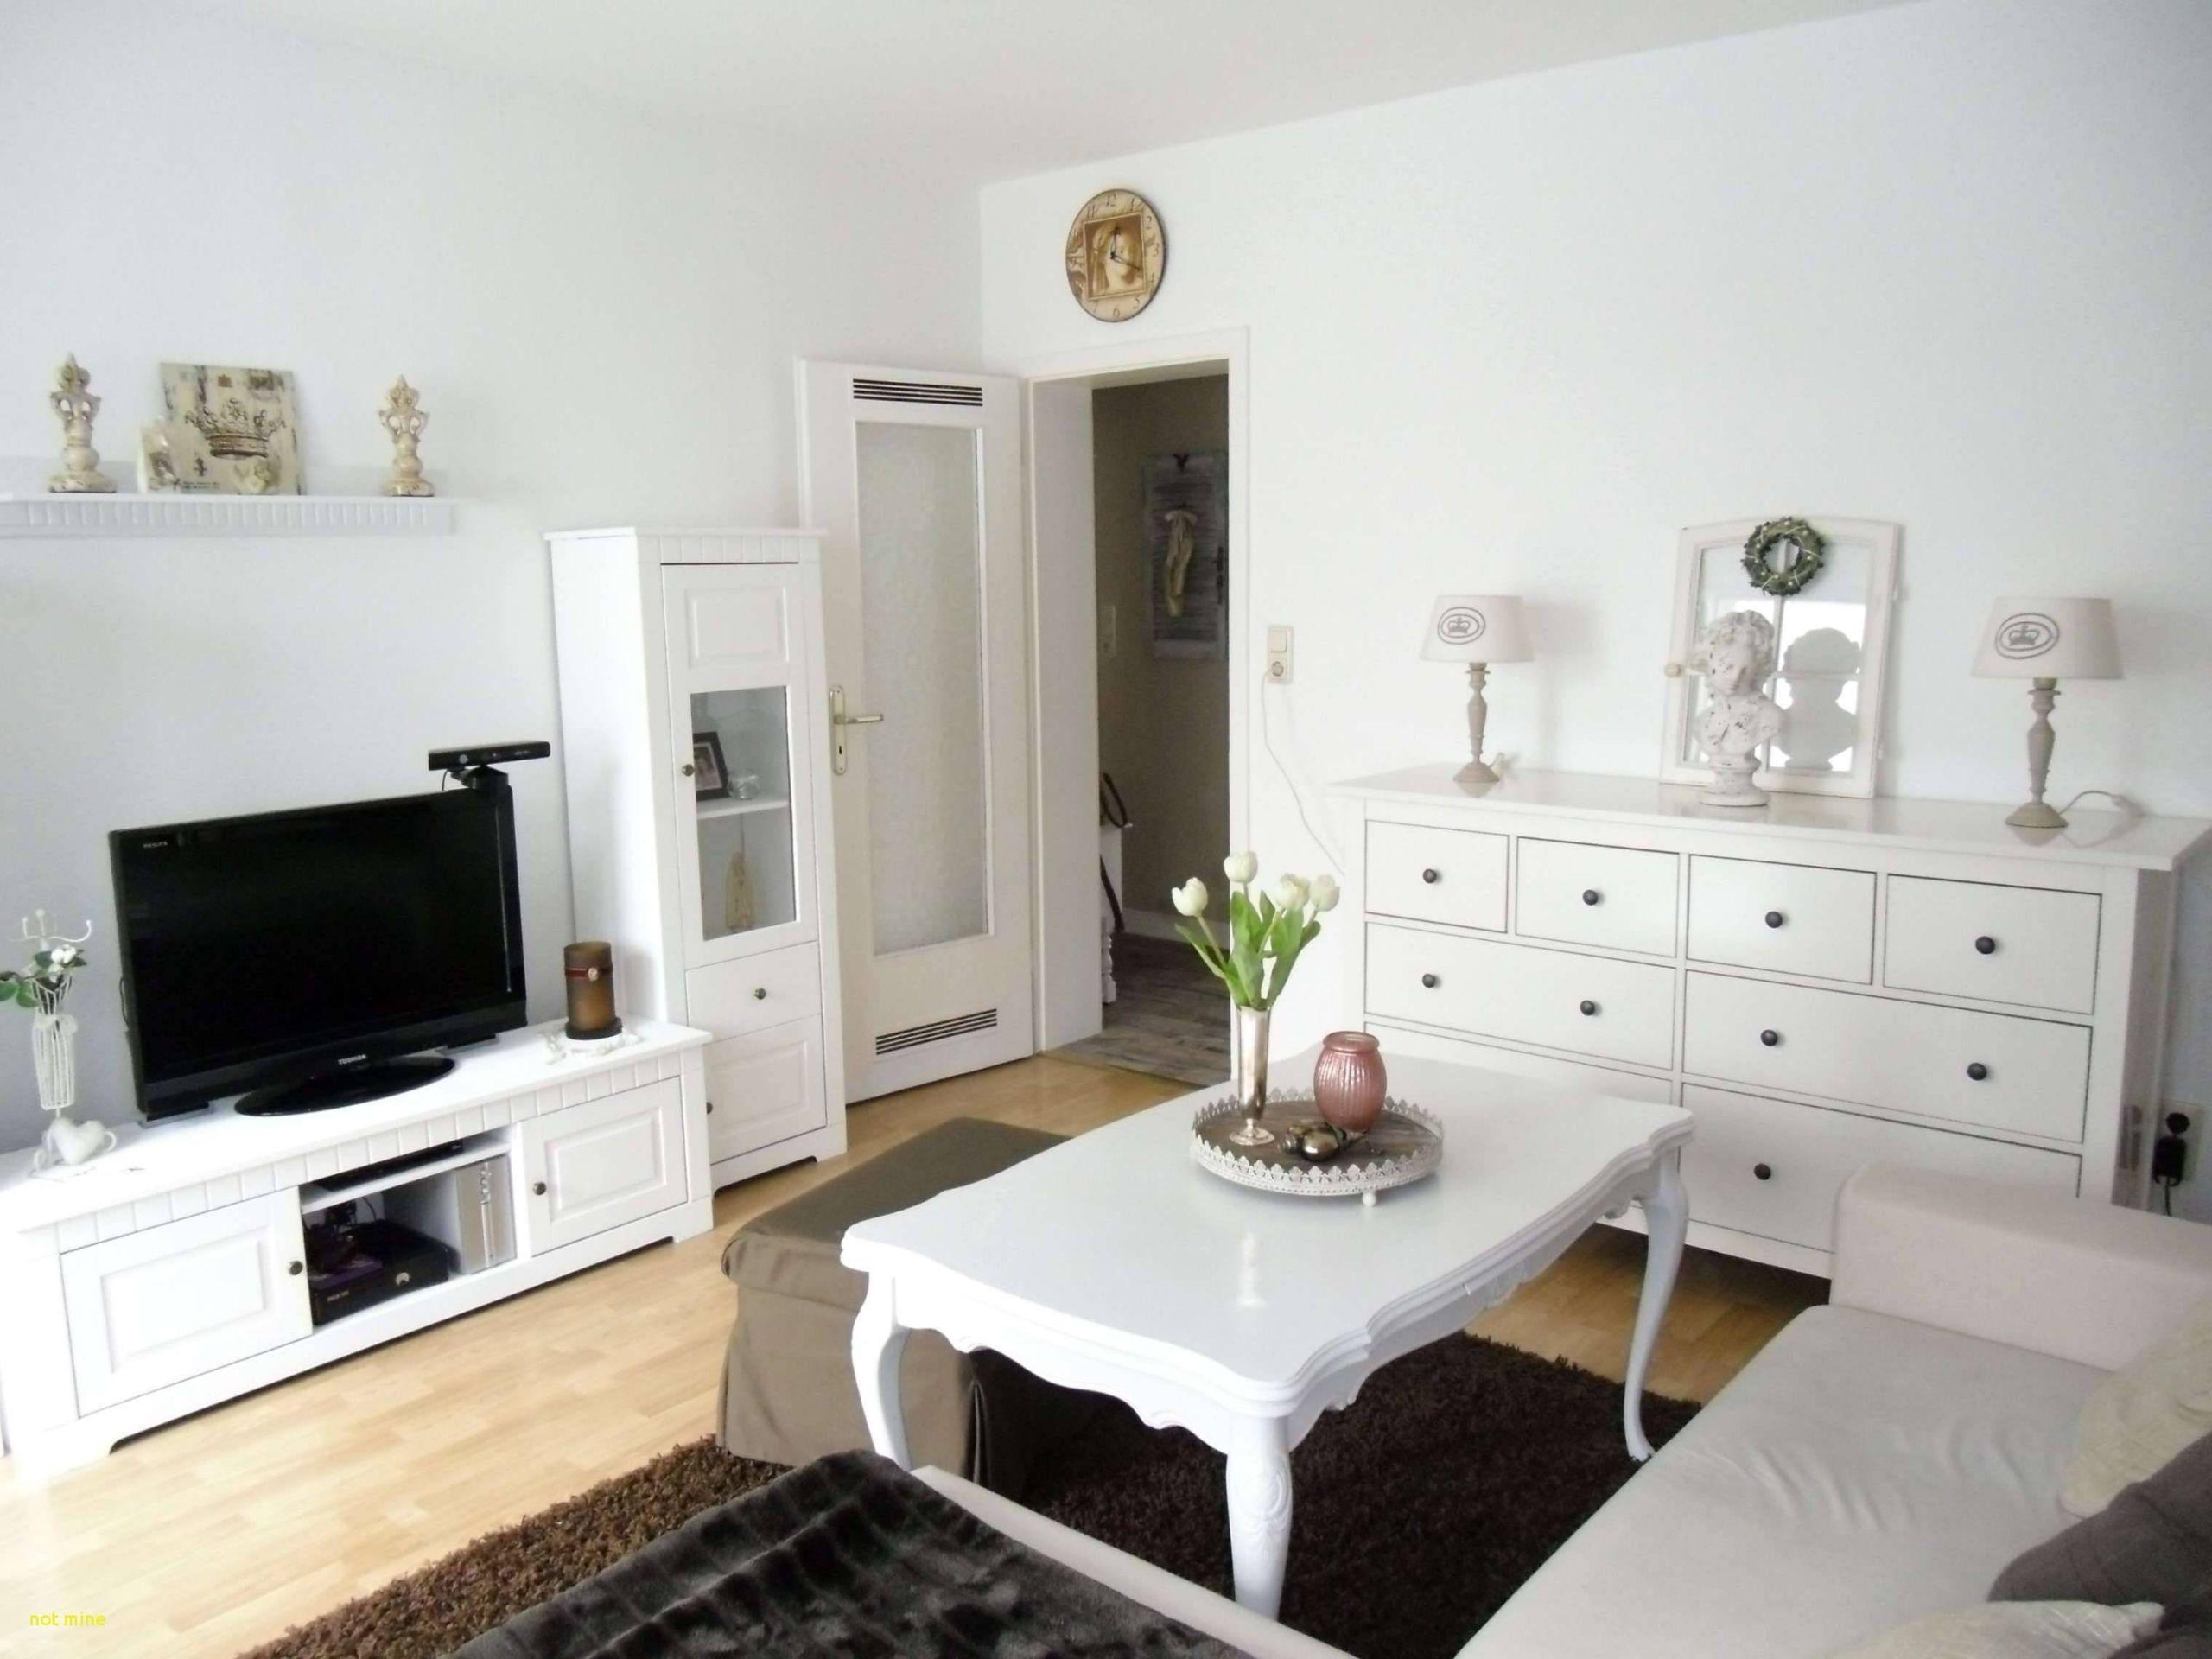 deko vasen fur wohnzimmer neu 32 frisch garten ideen deko of deko vasen fur wohnzimmer